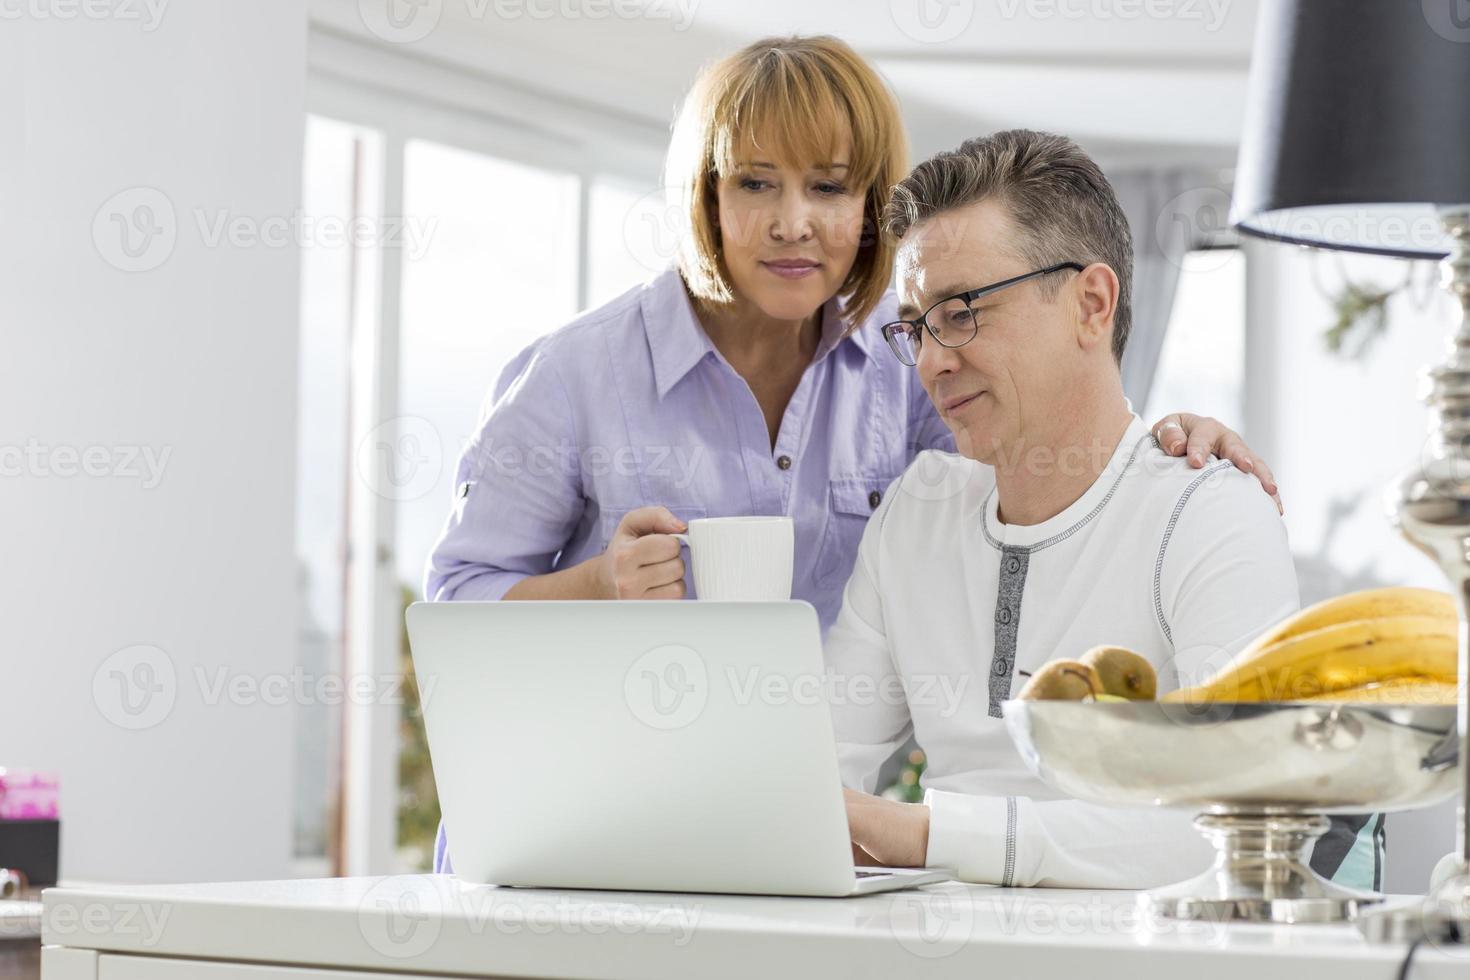 reifes Paar mit Laptop zusammen am Tisch im Haus foto